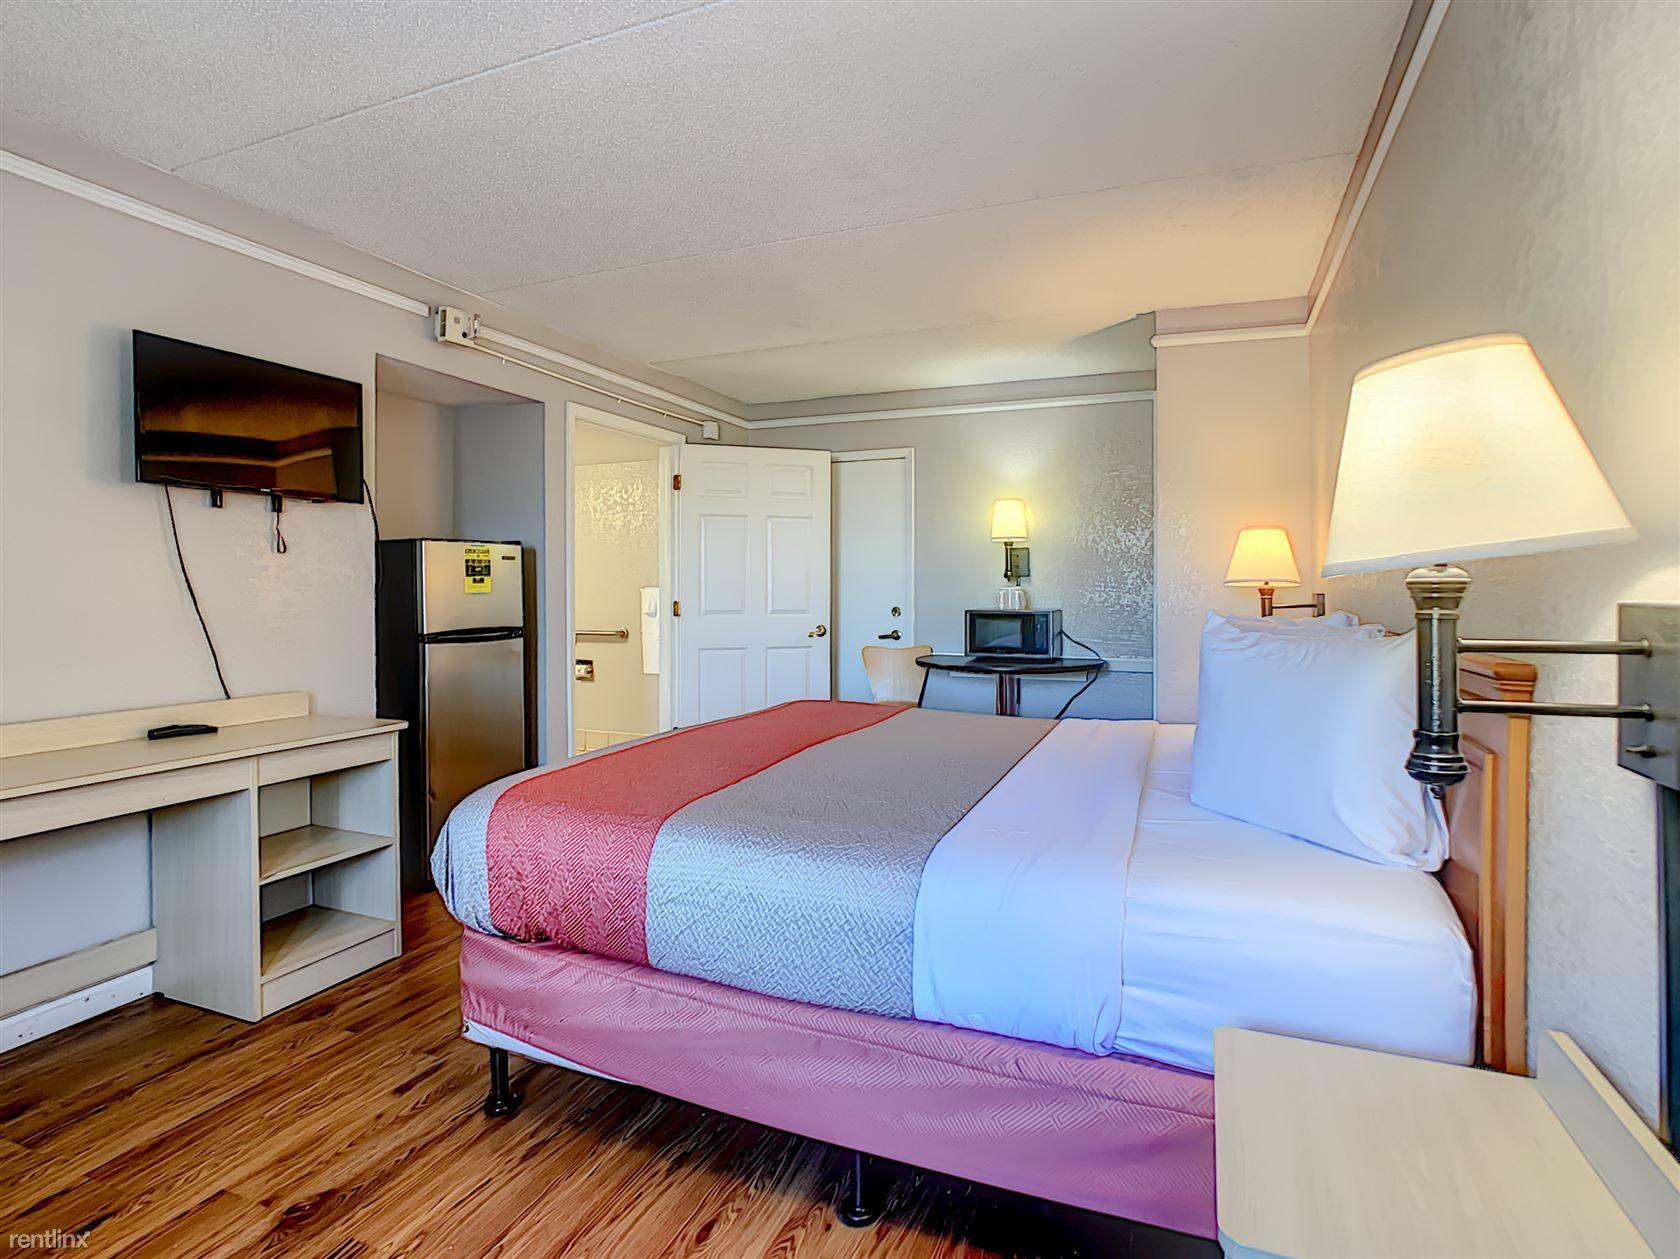 A-P-T Suites Jacksonville for rent